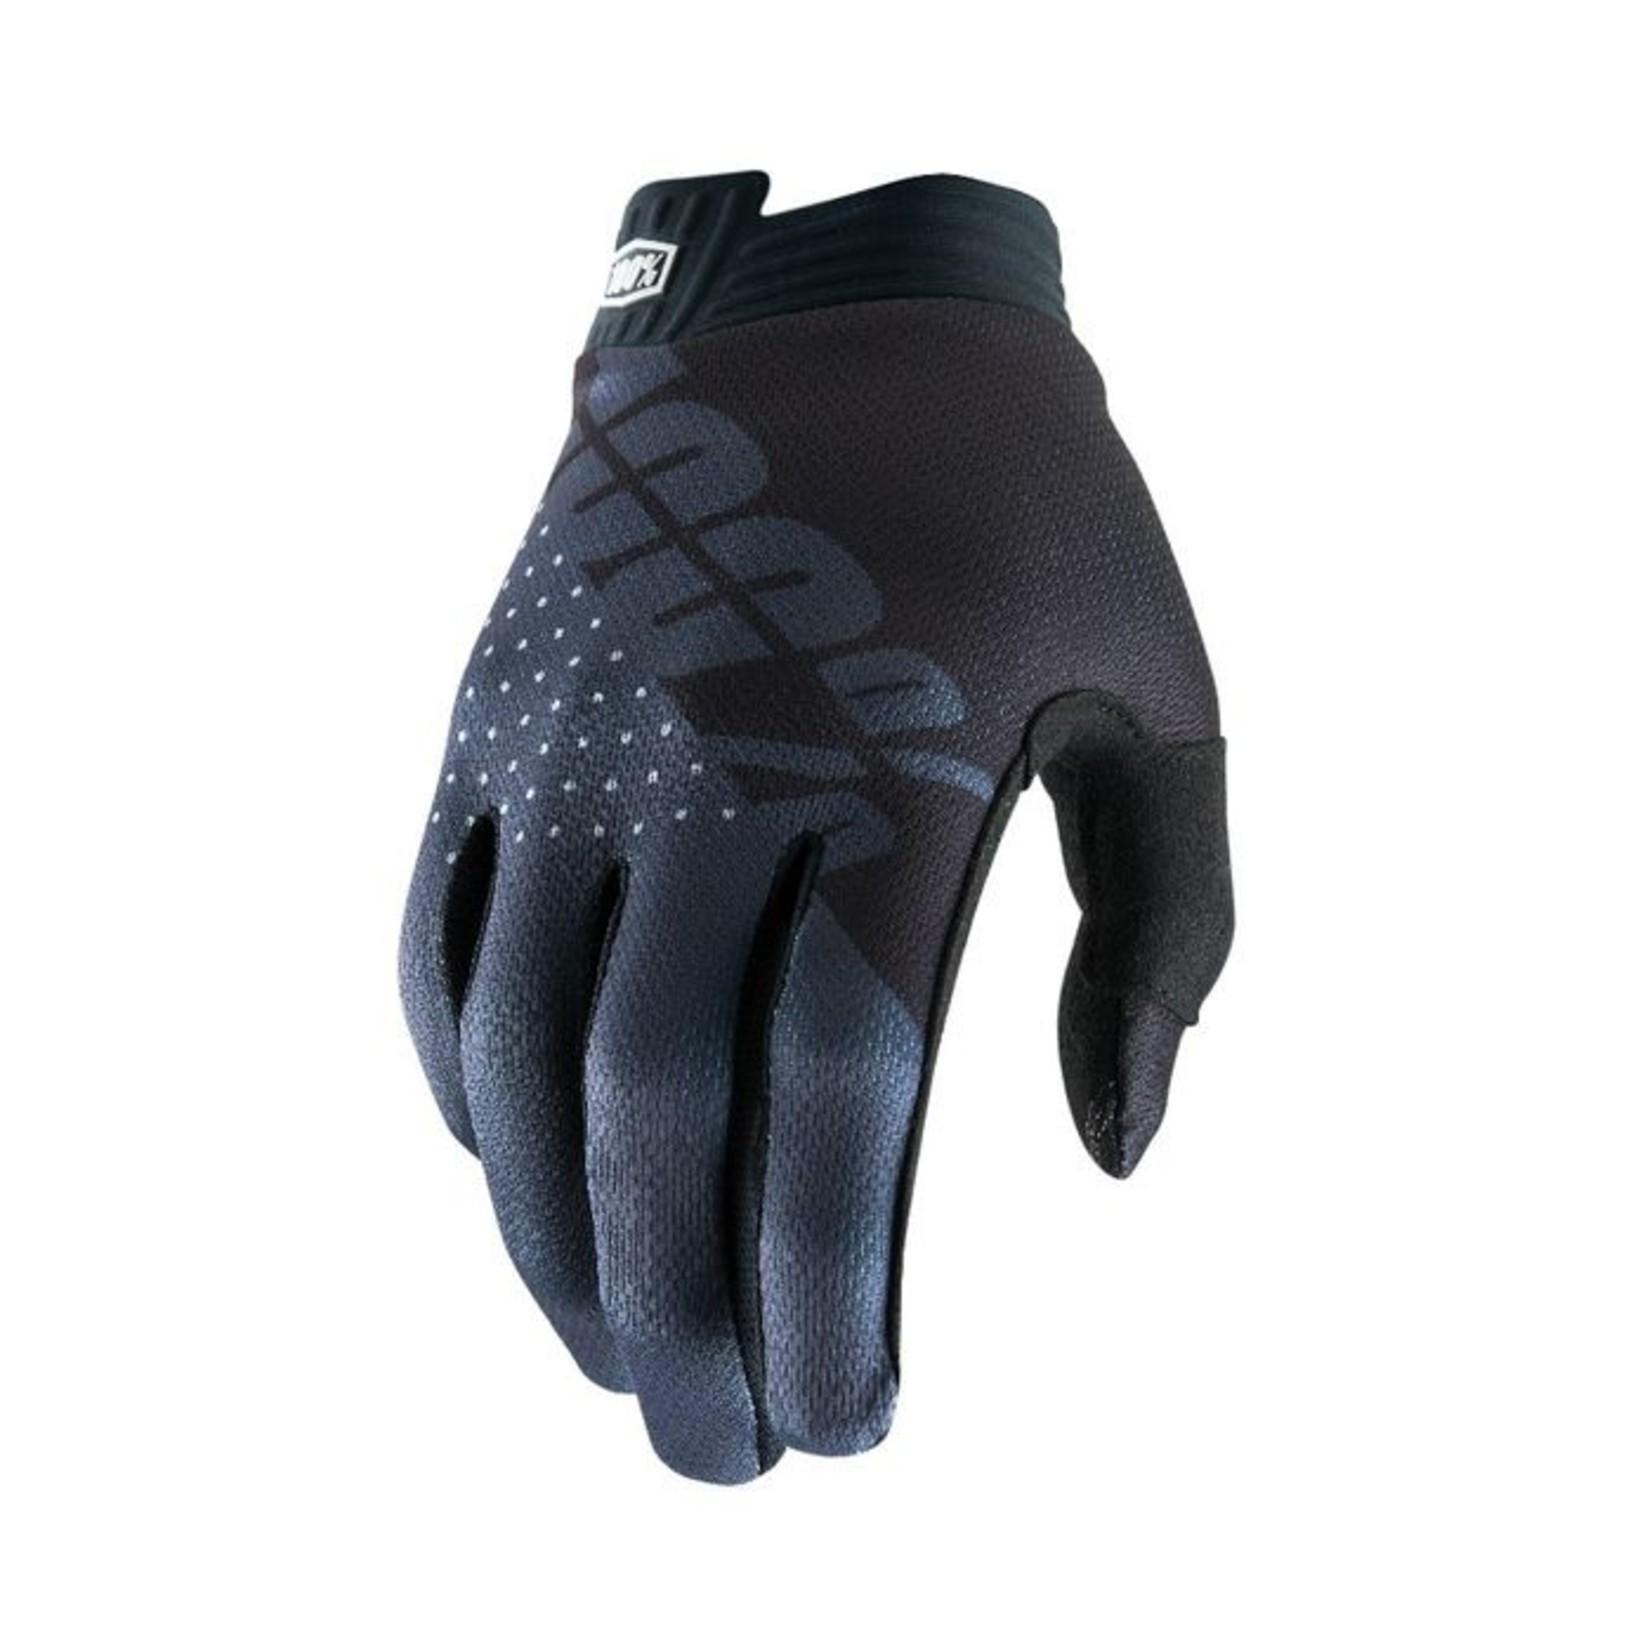 100% 100% iTrack Gloves